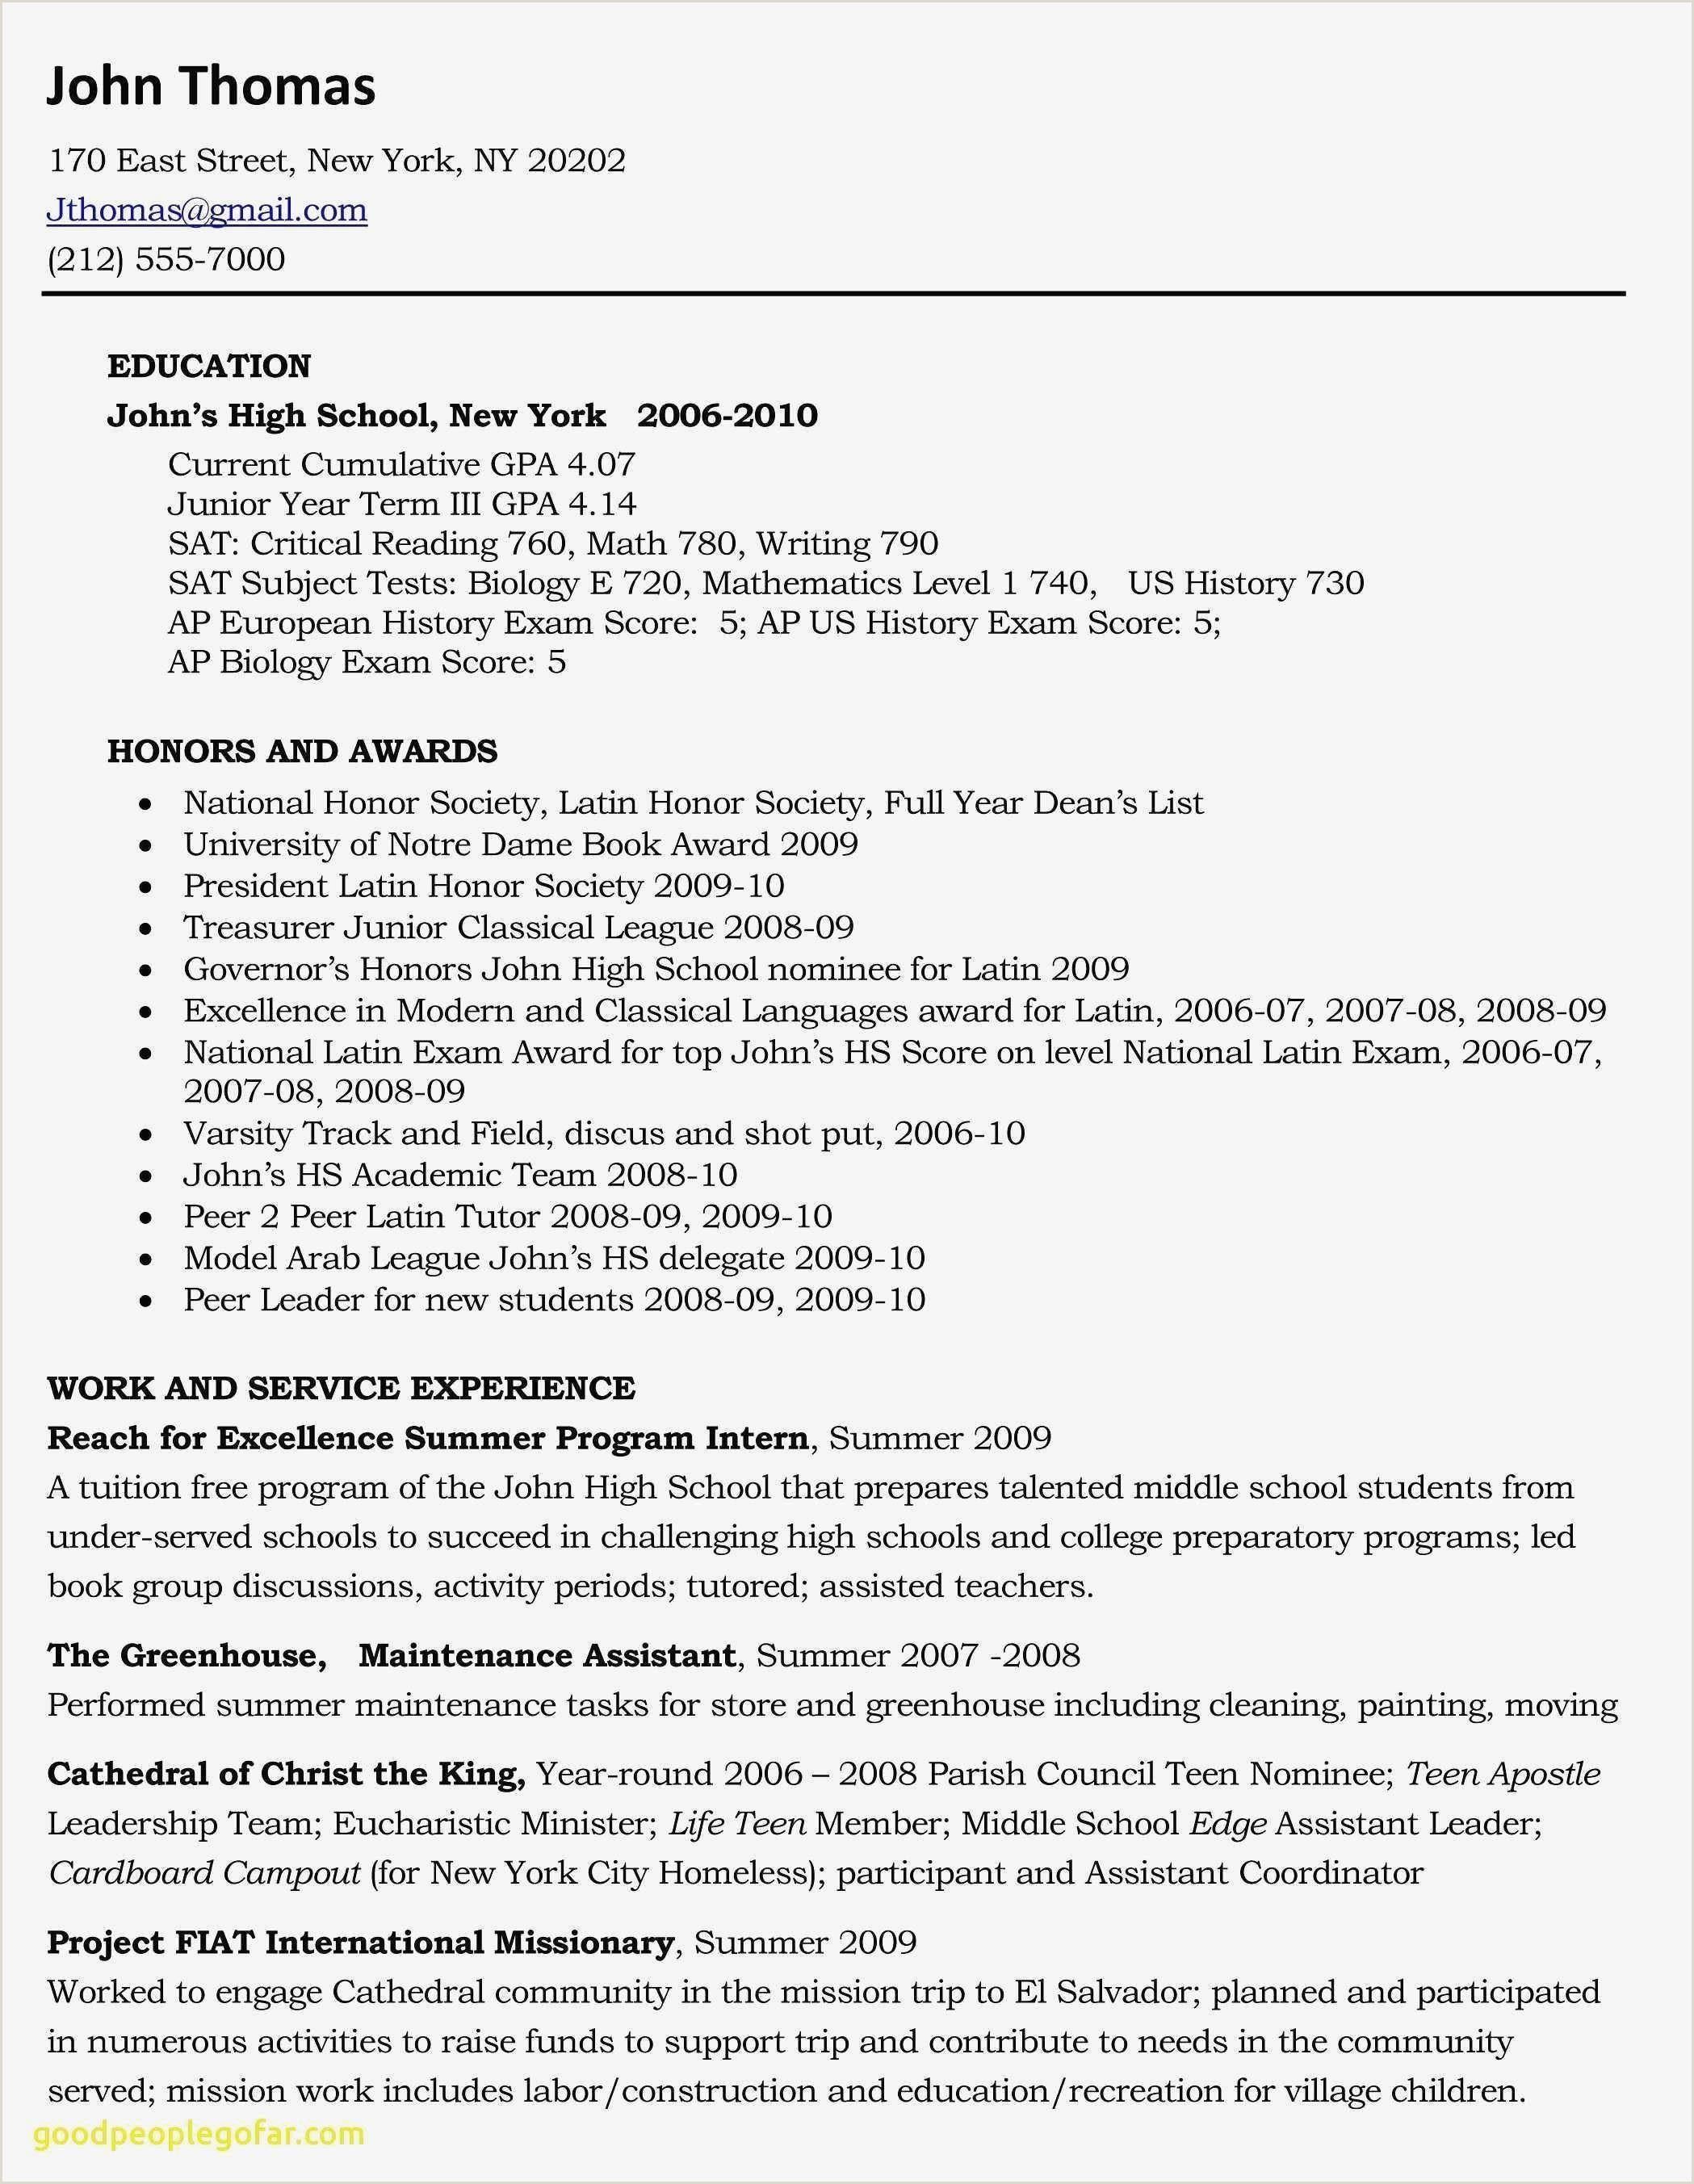 Cv format for Job Of Teacher Modele De Cv Batiment Gratuit Agréable Fresh Blank Resume